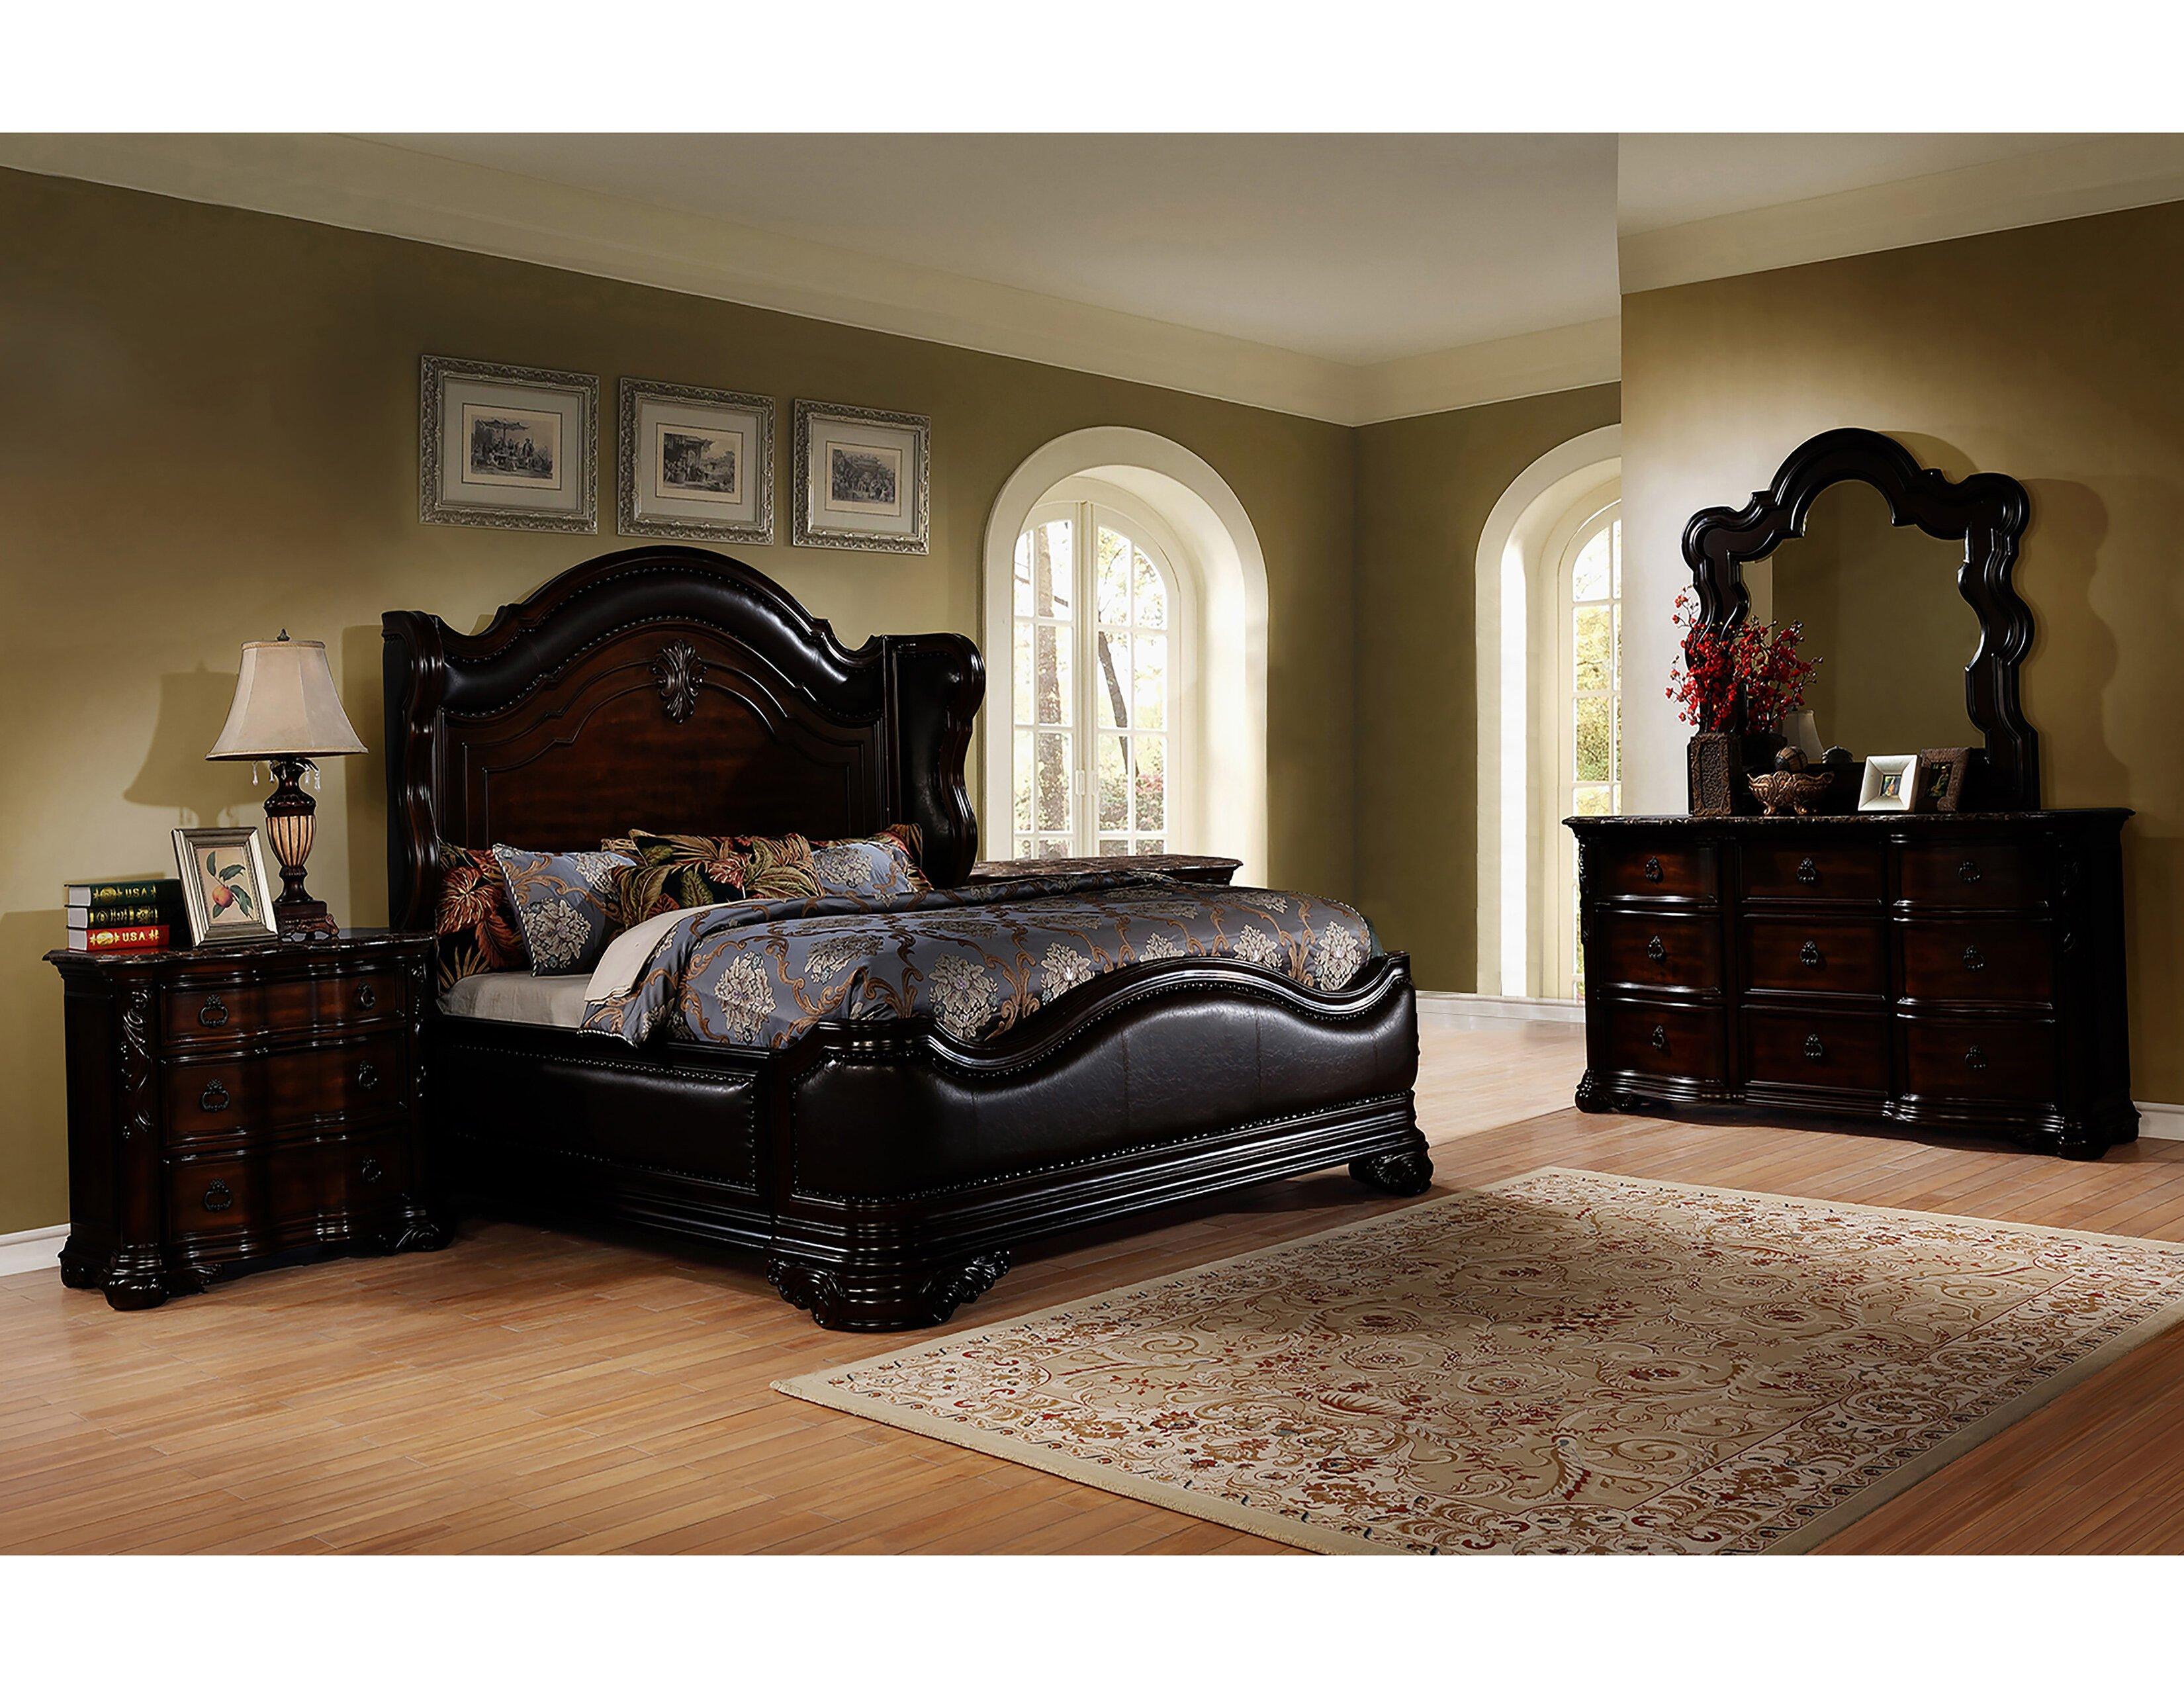 King Size Bedroom Set for Sale Lovely Ayan Standard 5 Piece Bedroom Set